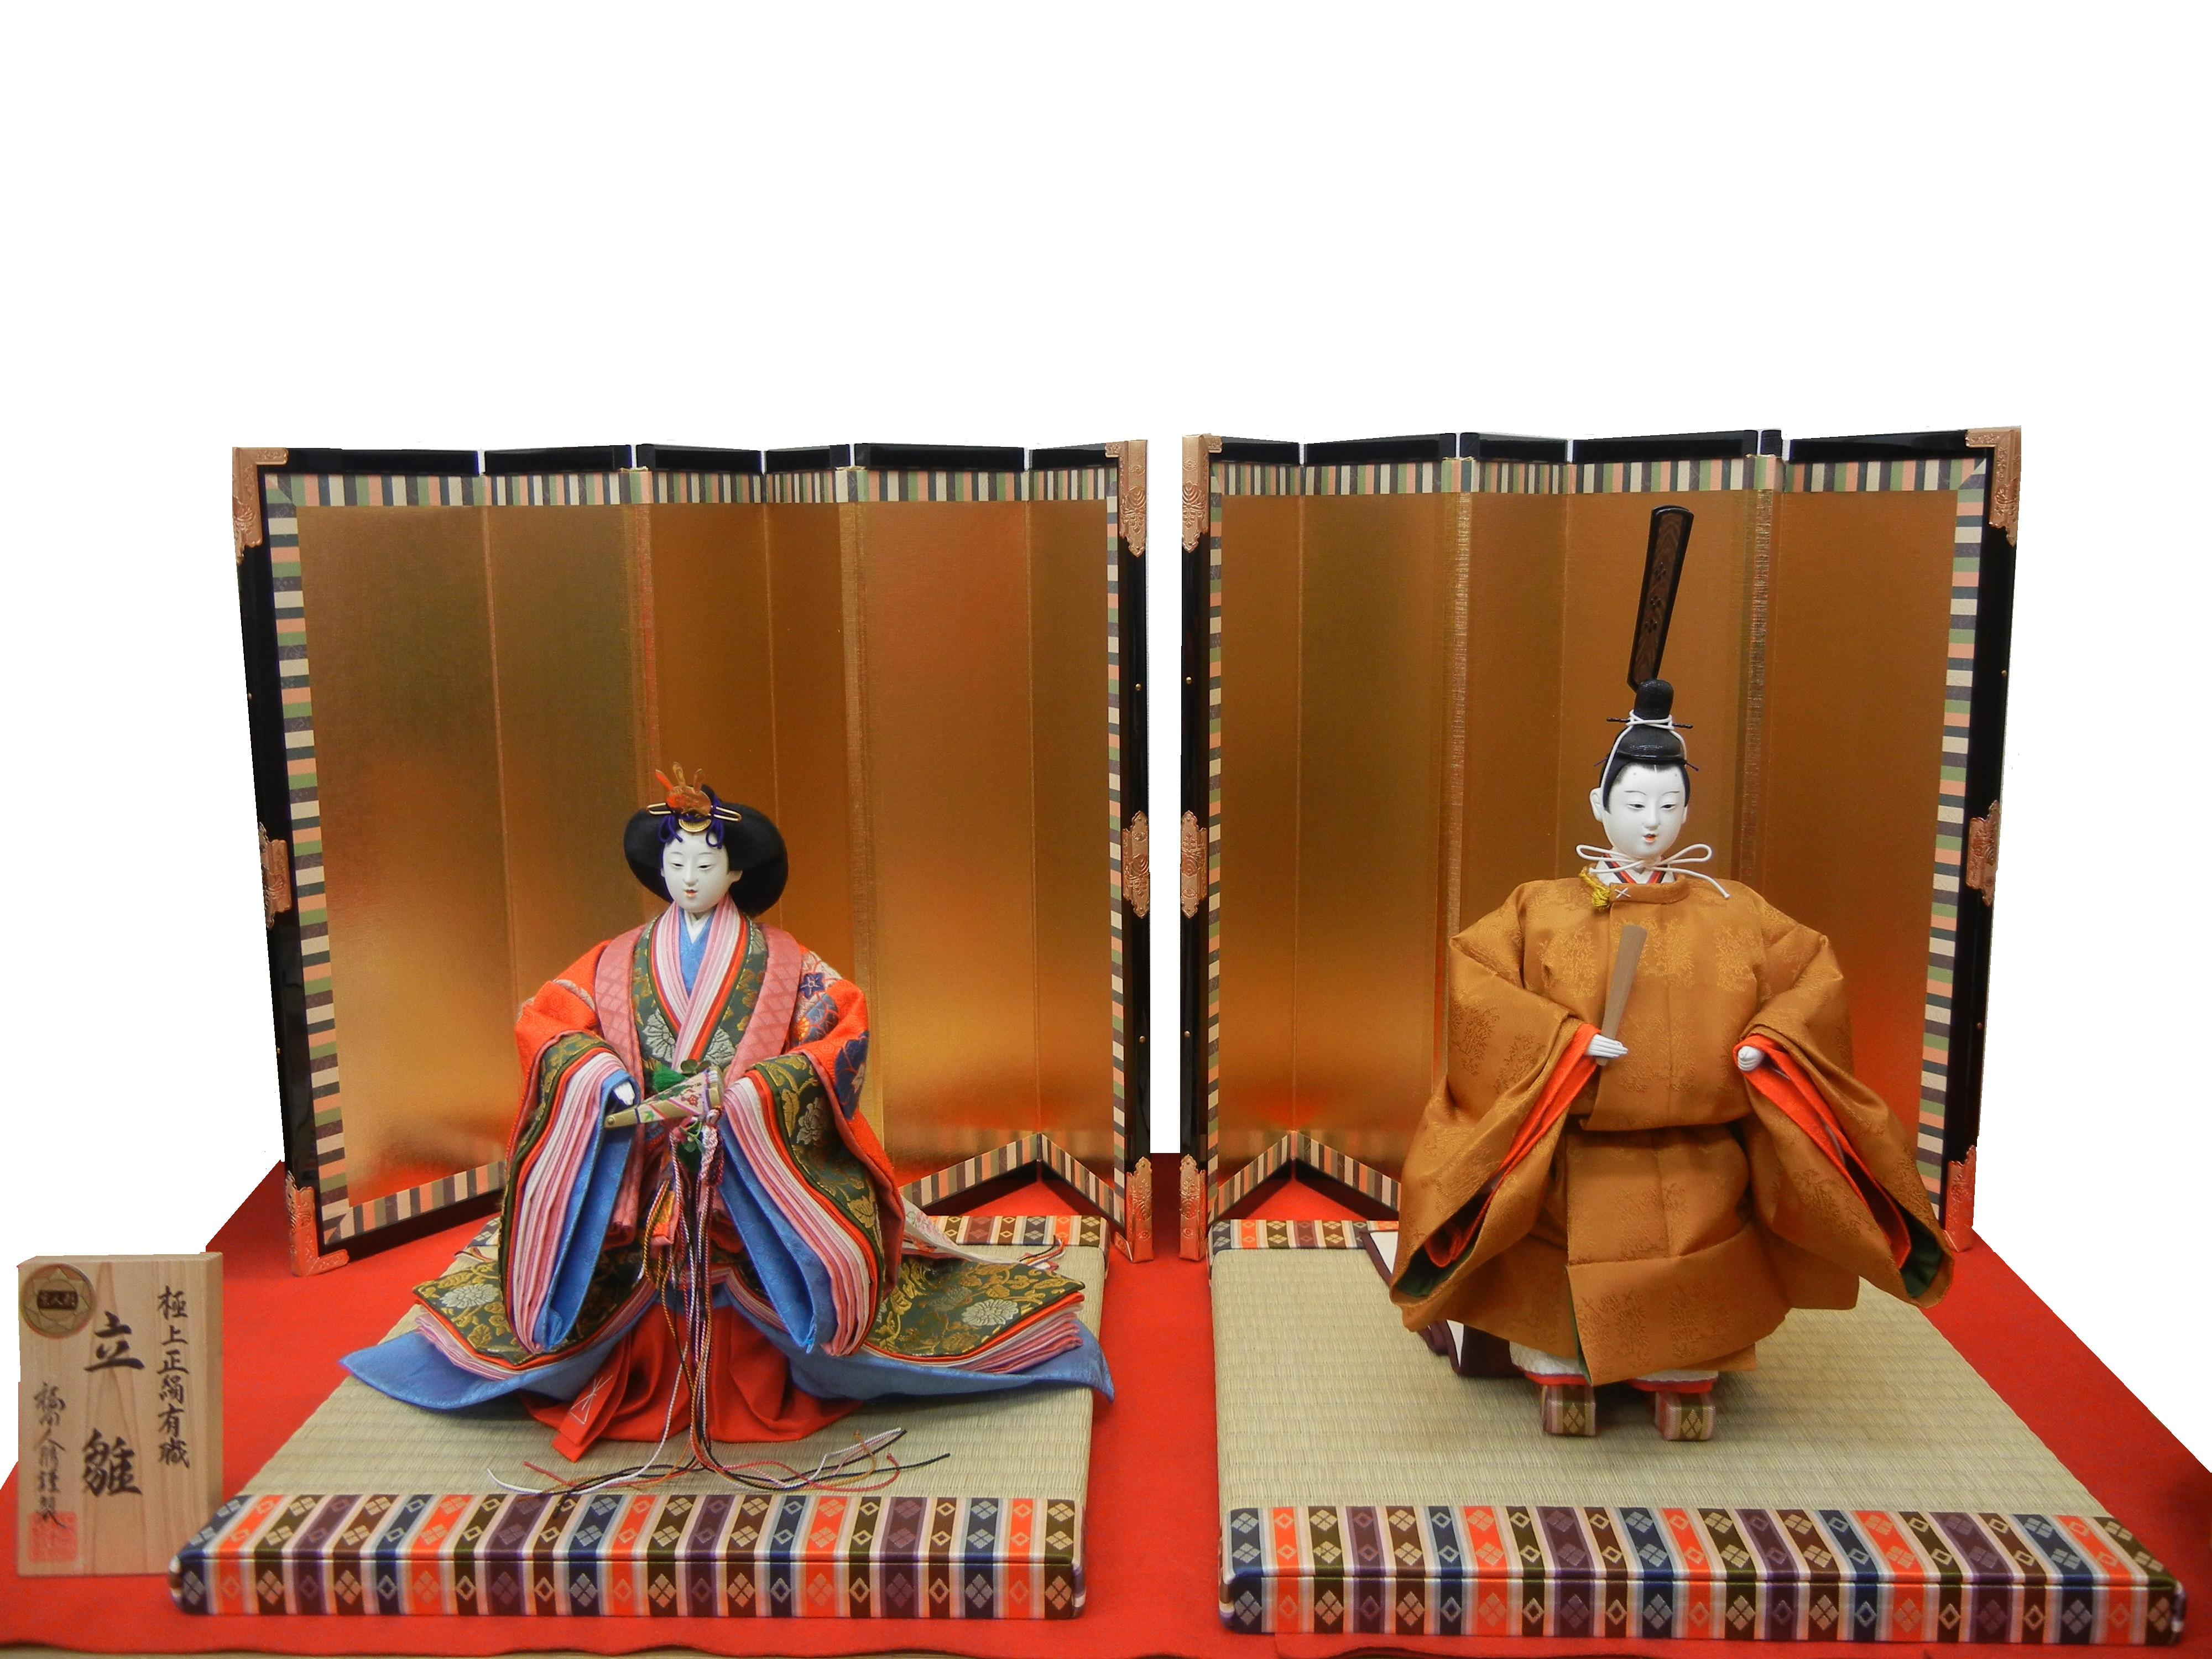 京製 井上雅風作 八番 有職立雛飾